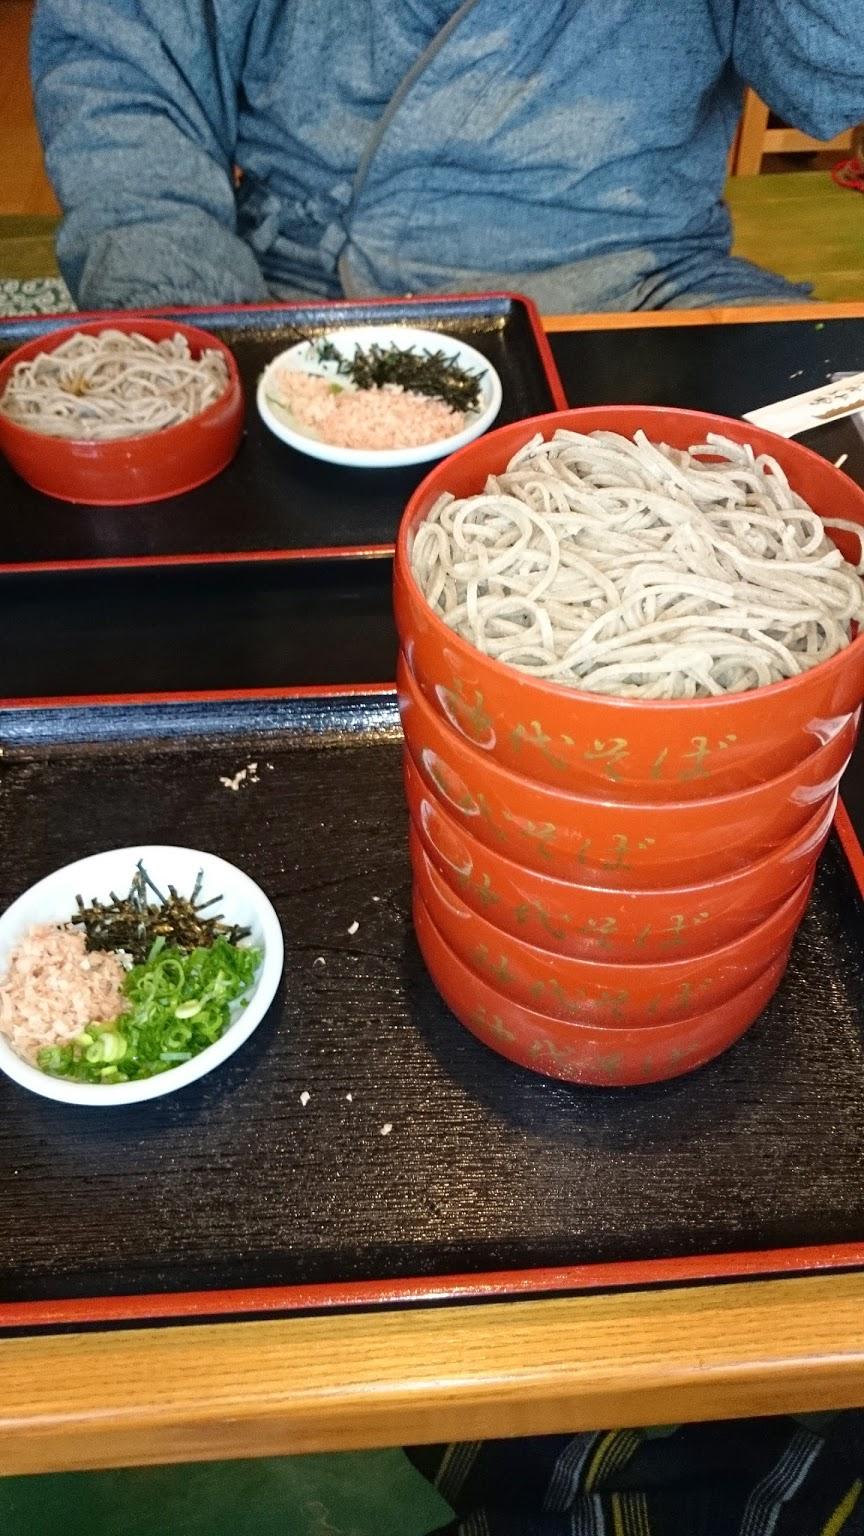 (Google 번역) 마쓰에 성 북쪽의 인기 점. 참마 割子 소바가 매우 맛있었습니다.  (원본) 松江城北側の人気店。とろろ割子そばがとても美味しかったです。